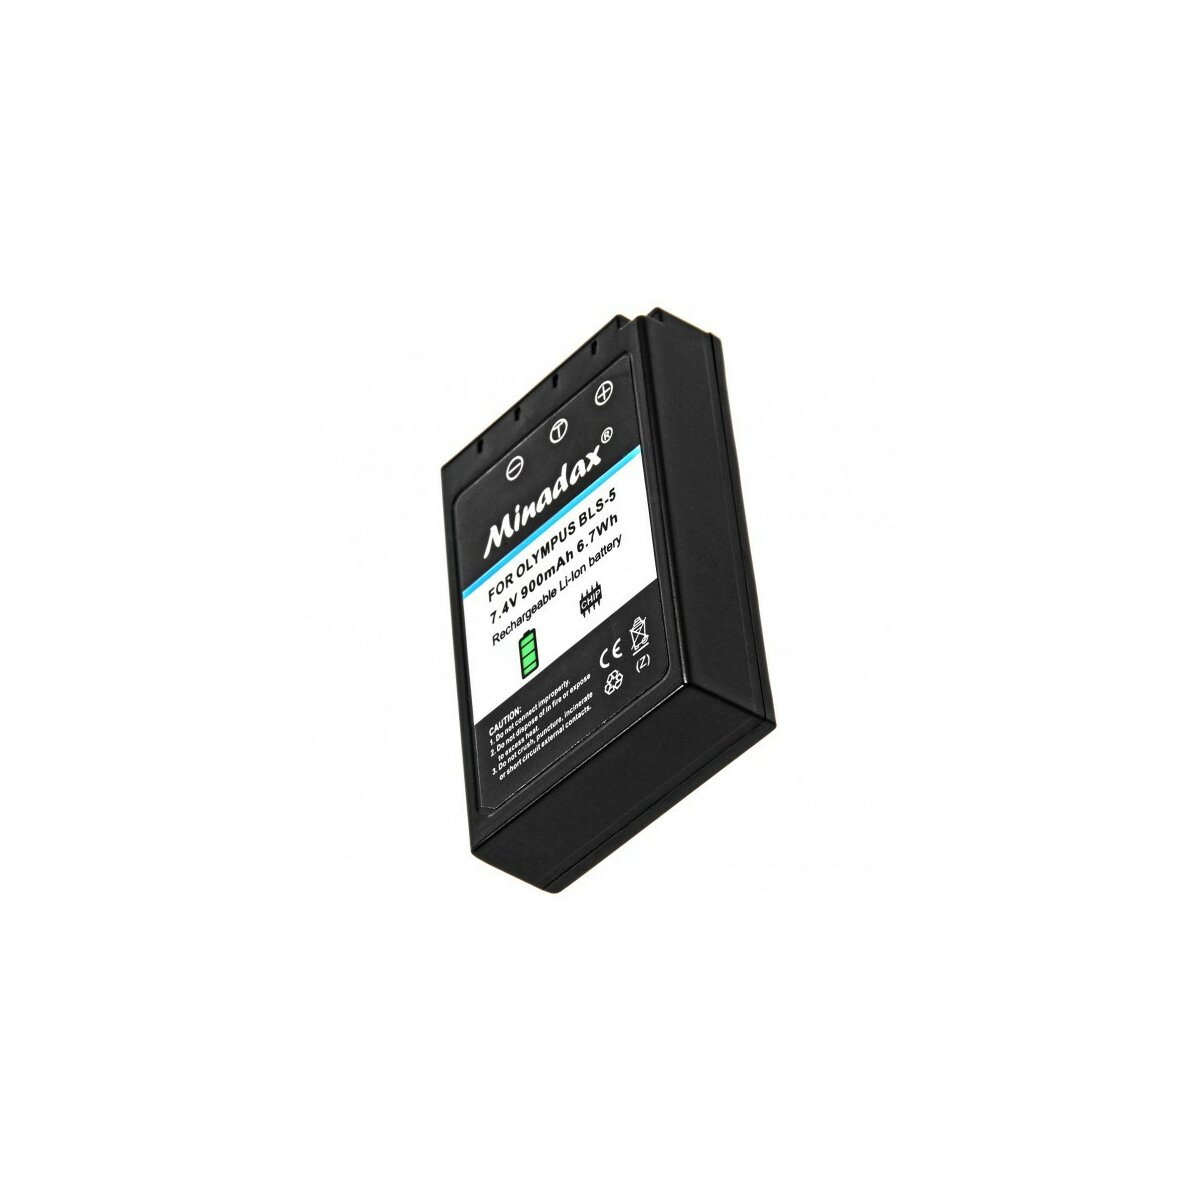 Minadax® Qualitaetsakku mit echten 900 mAh fuer Olympus Stylus 1 PEN E-PL2 E-PL3 E-PL5 E-PL6 E-PL7 E-P3 E-PM1 E-PM2 E-M10, wie BLS-5 - Intelligentes Akkusystem mit Chip